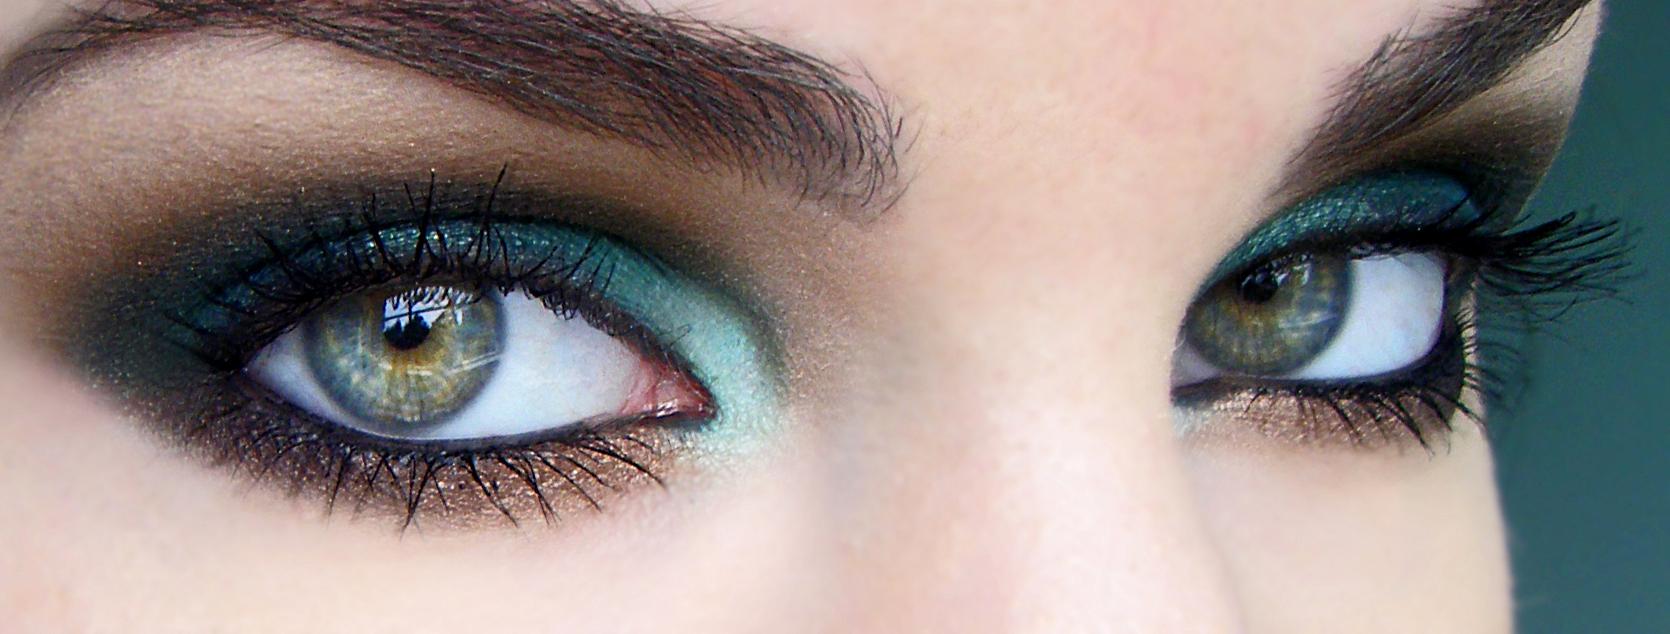 Verão: risco de doenças nos olhos